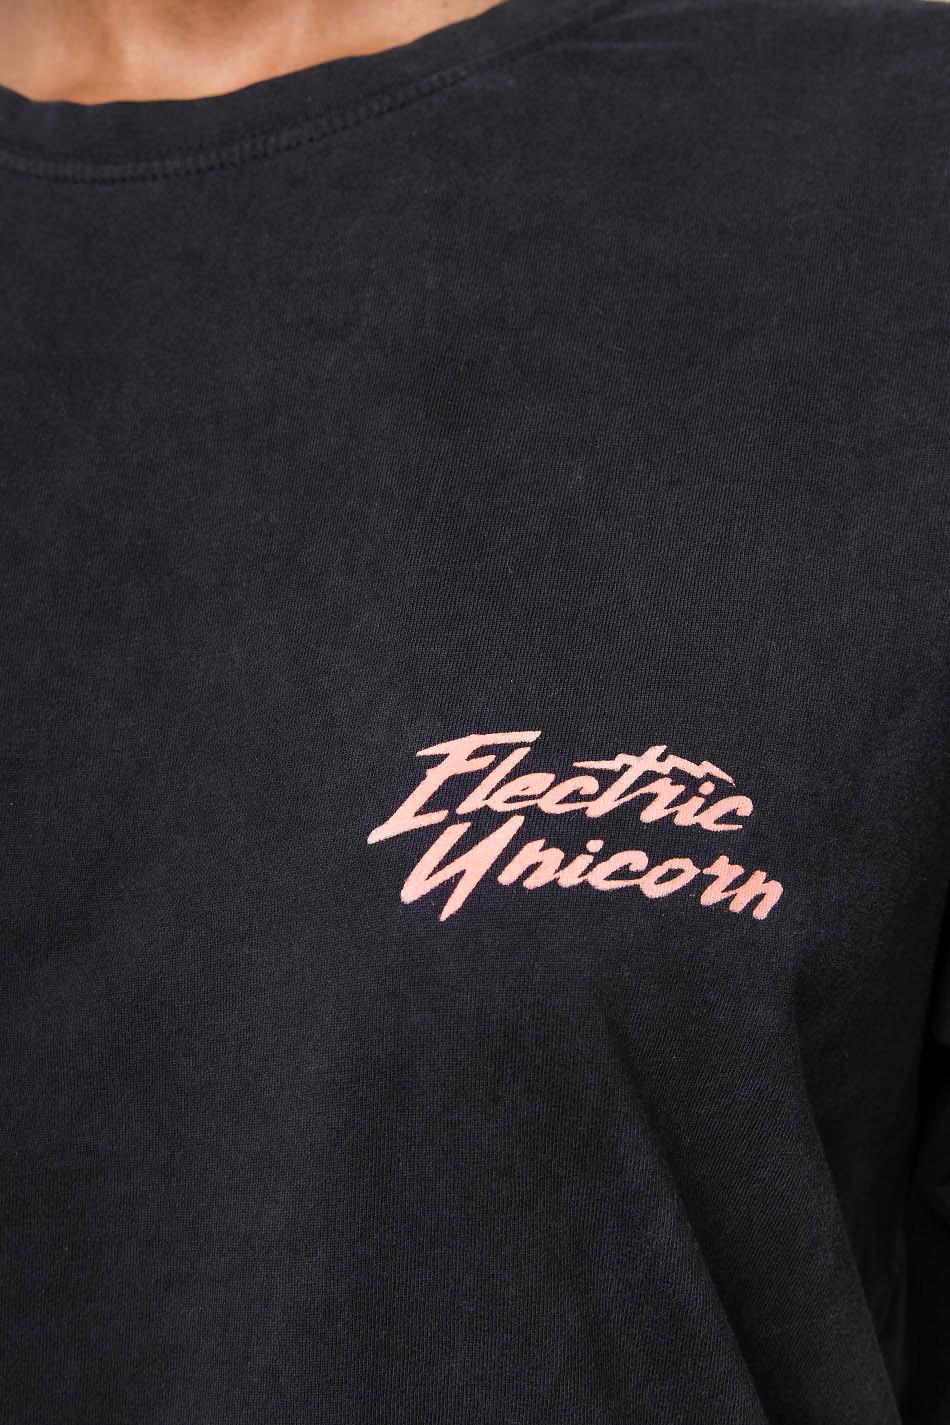 Camiseta Washed Unicorn Negra